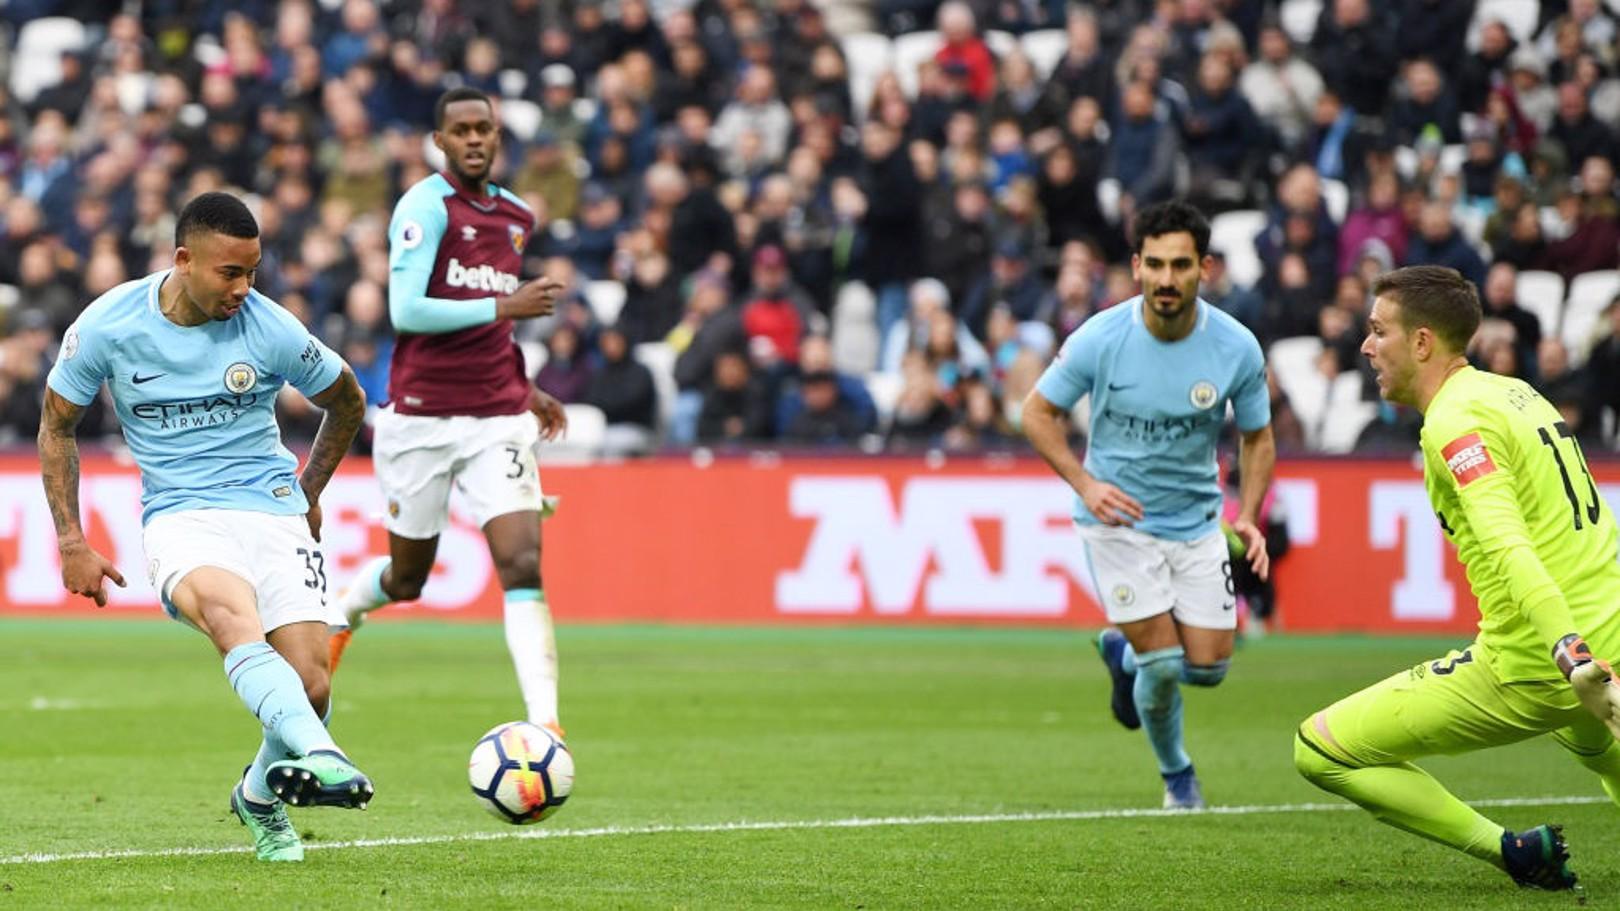 El City volvió a ganar con comodidad en su última visita al Estadio de Londres.